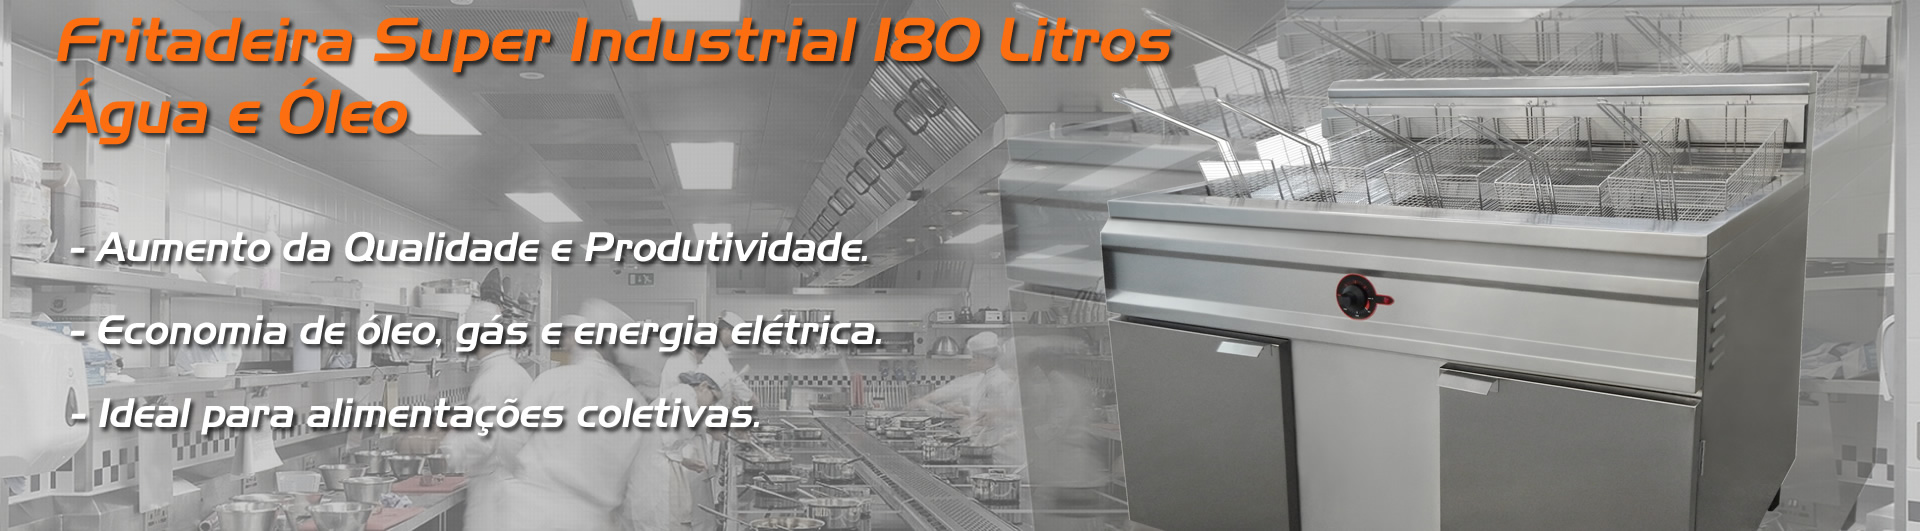 Fritadeira Água e Óleo Super Industrial 180 litros